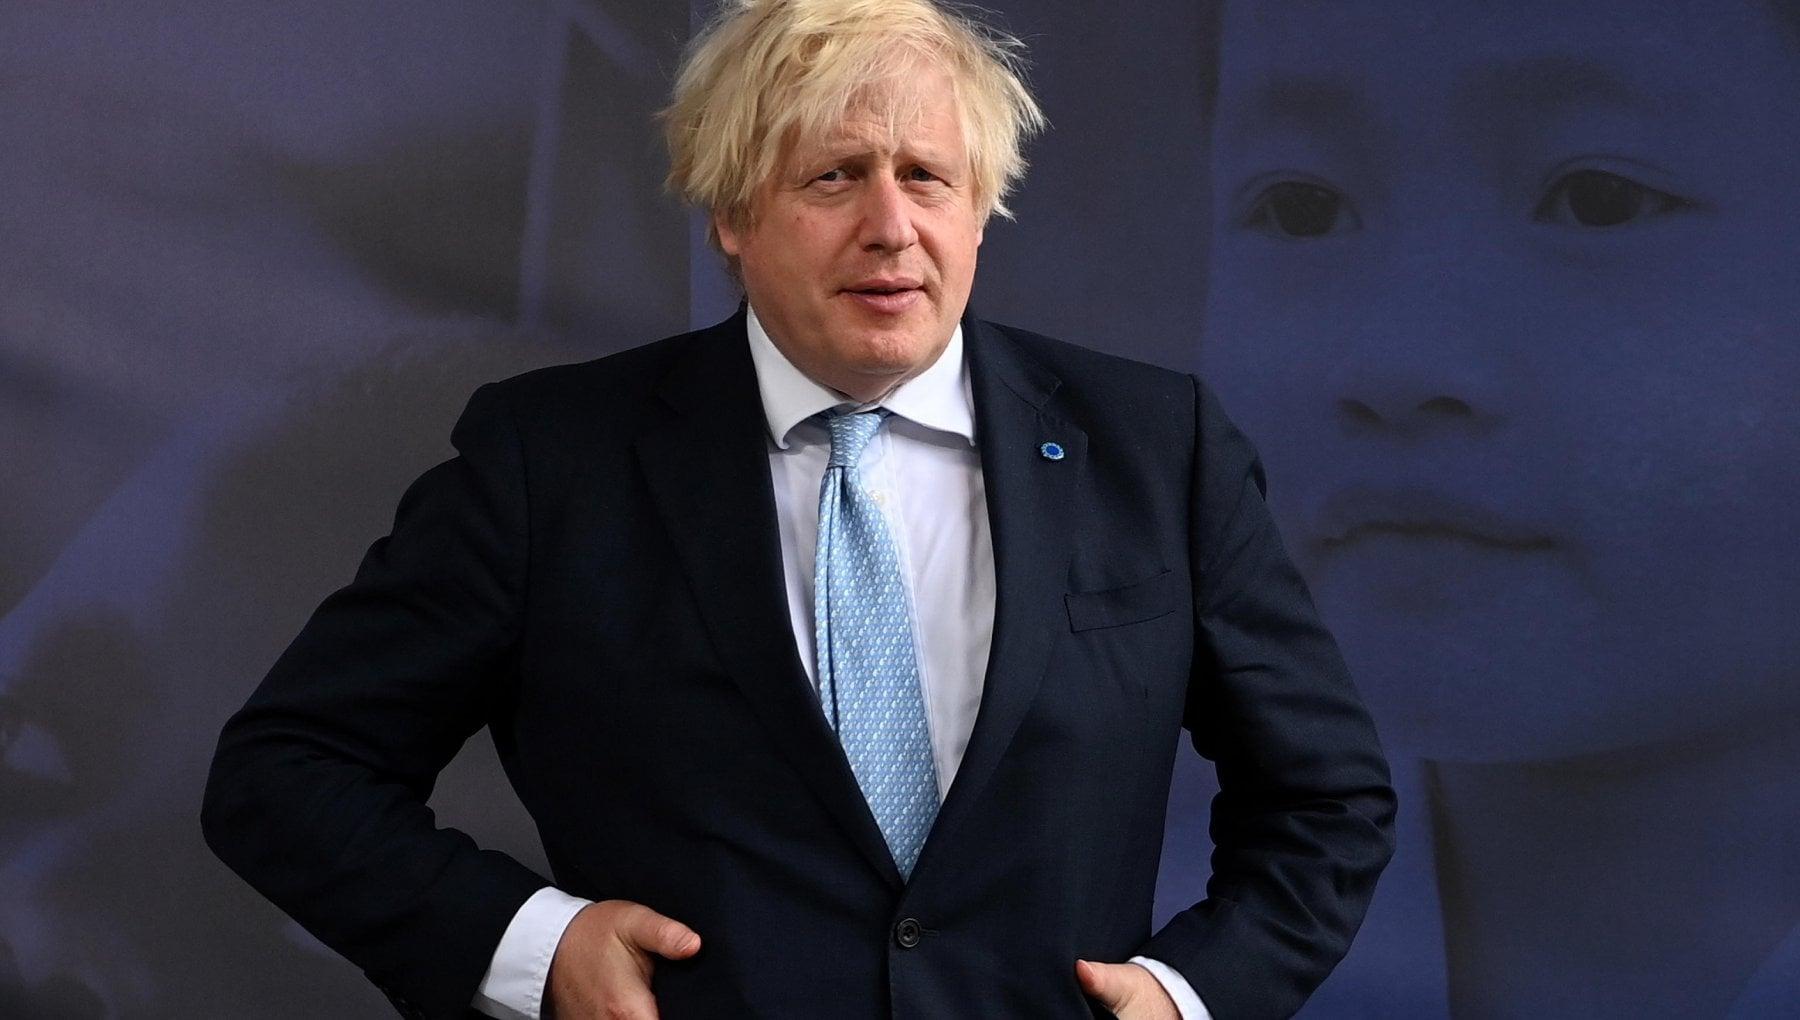 191842112 d9cb18ae 5fec 492b 8183 c2c08709cfaf - Regno Unito, smentiti i catastrofisti: contagi fermi a 30mila al giorno